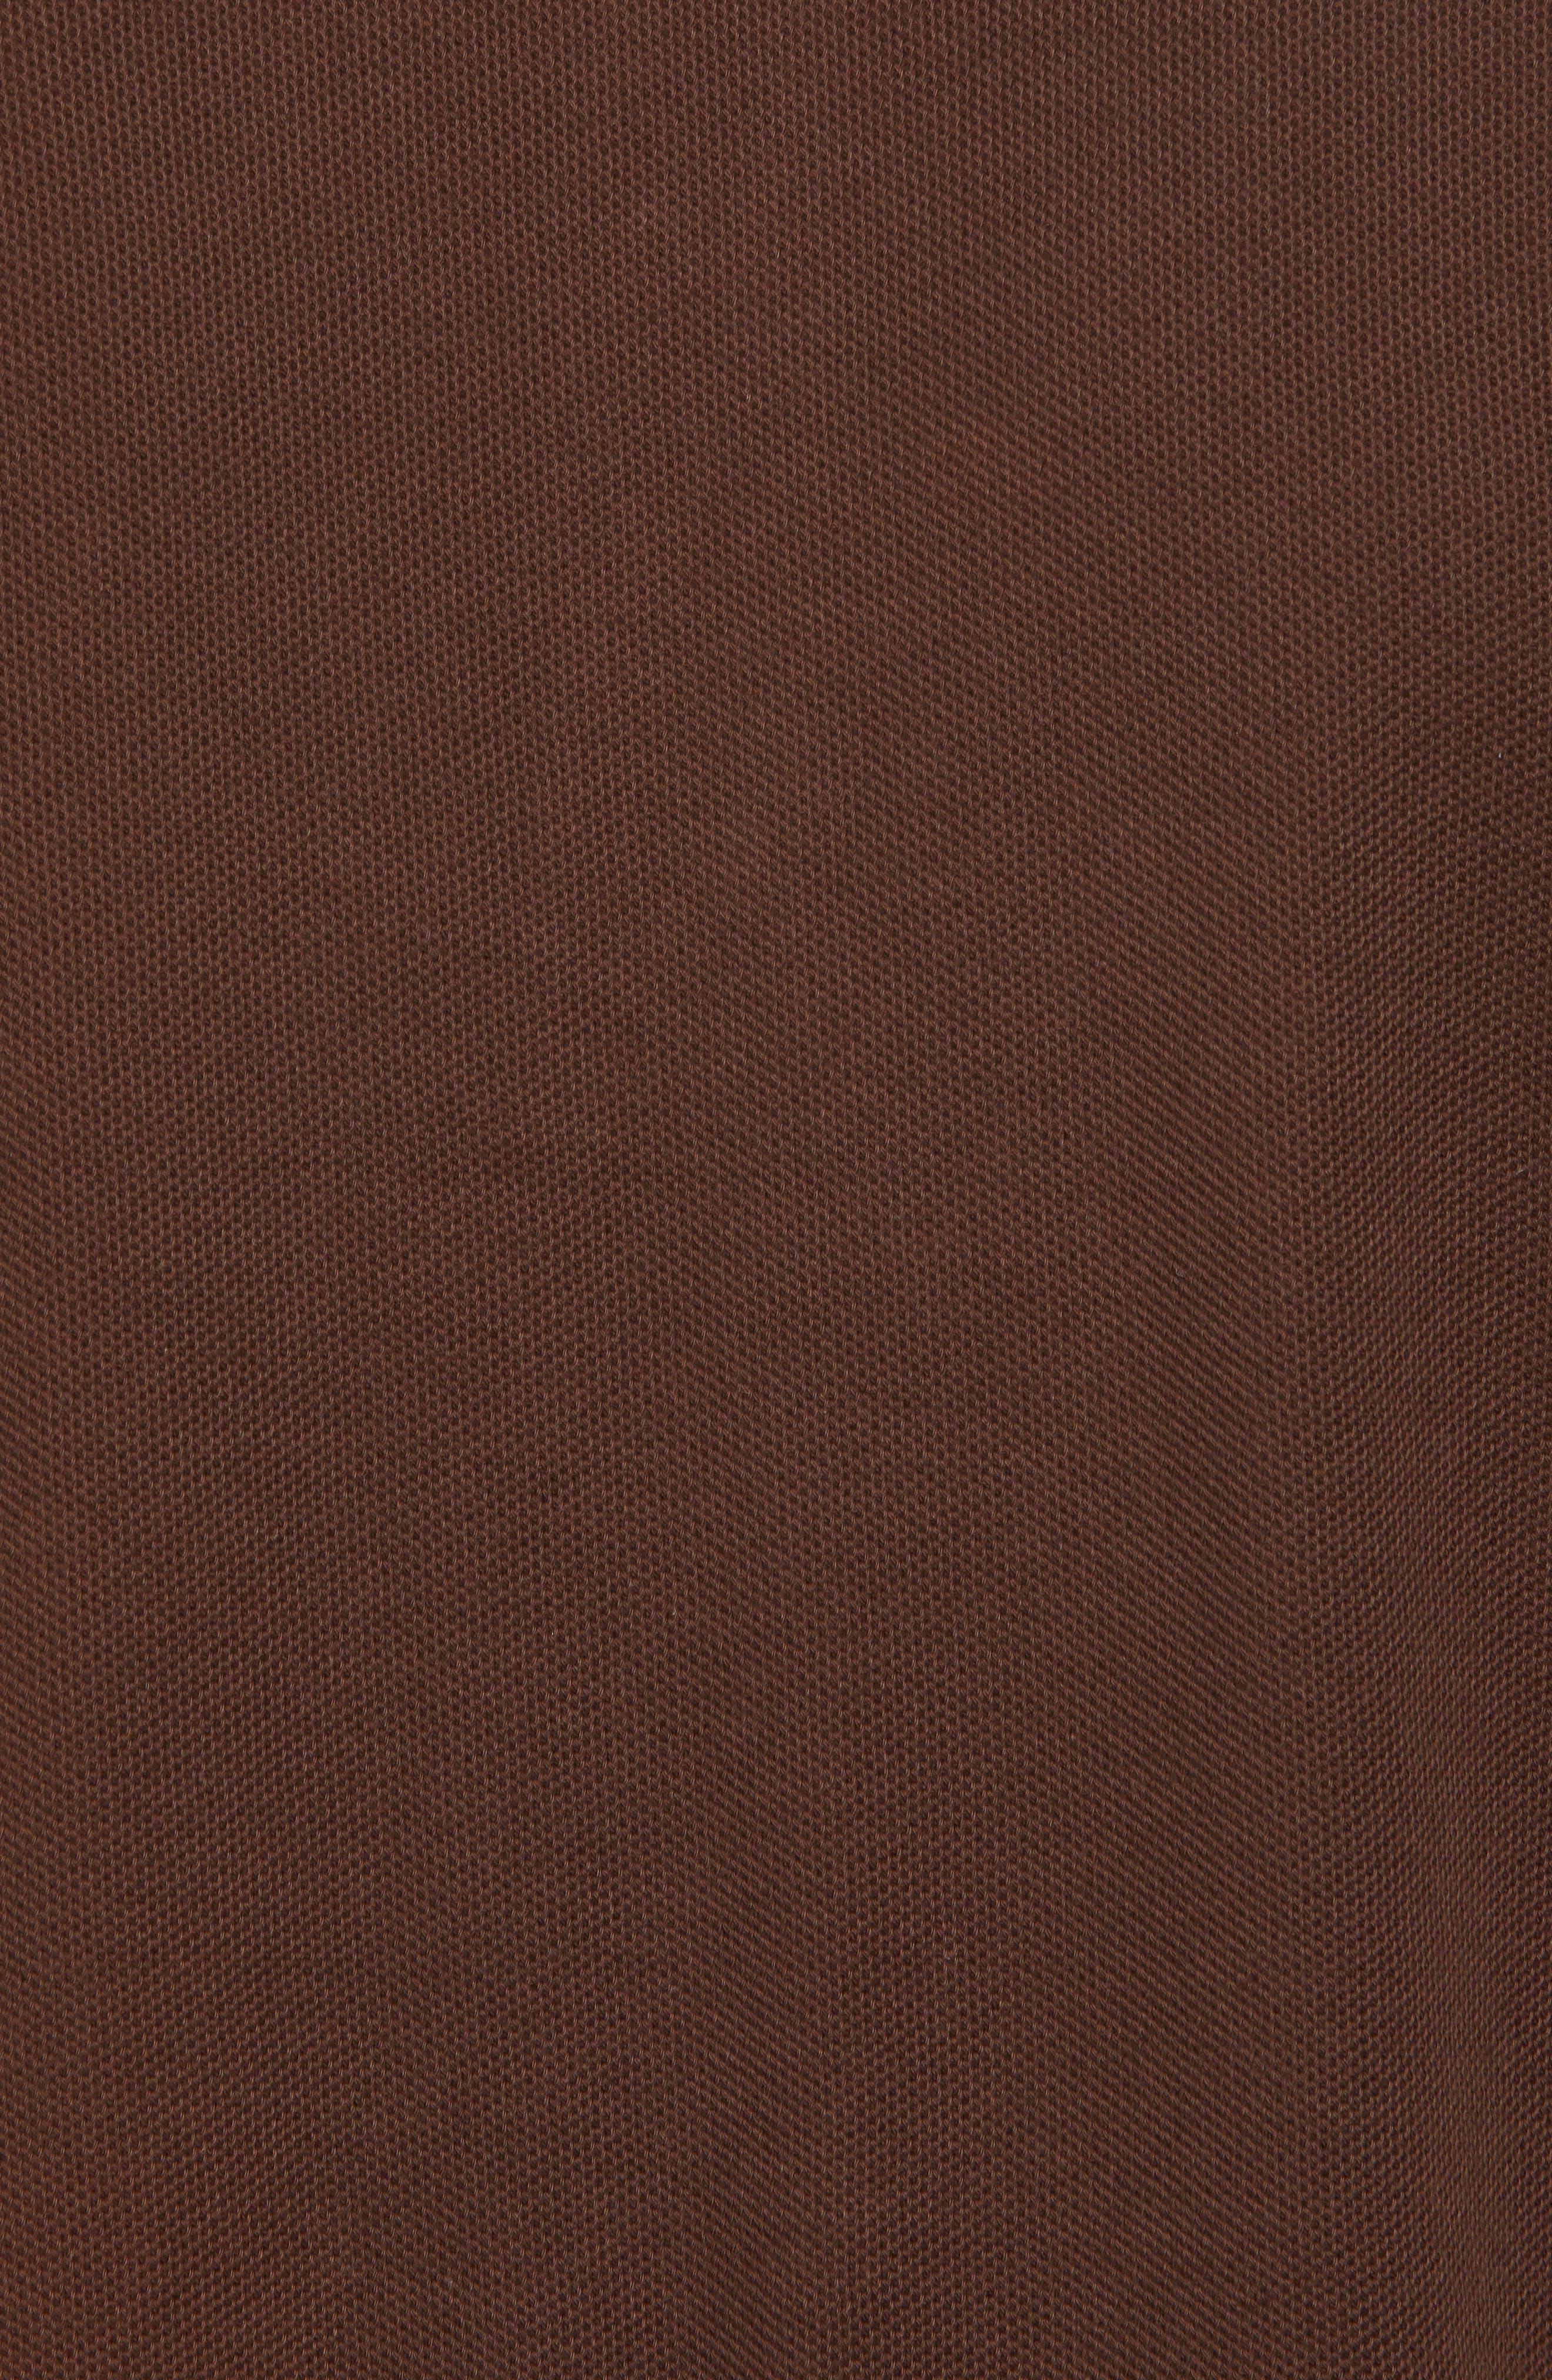 Regular Fit Piqué Polo,                             Alternate thumbnail 5, color,                             200